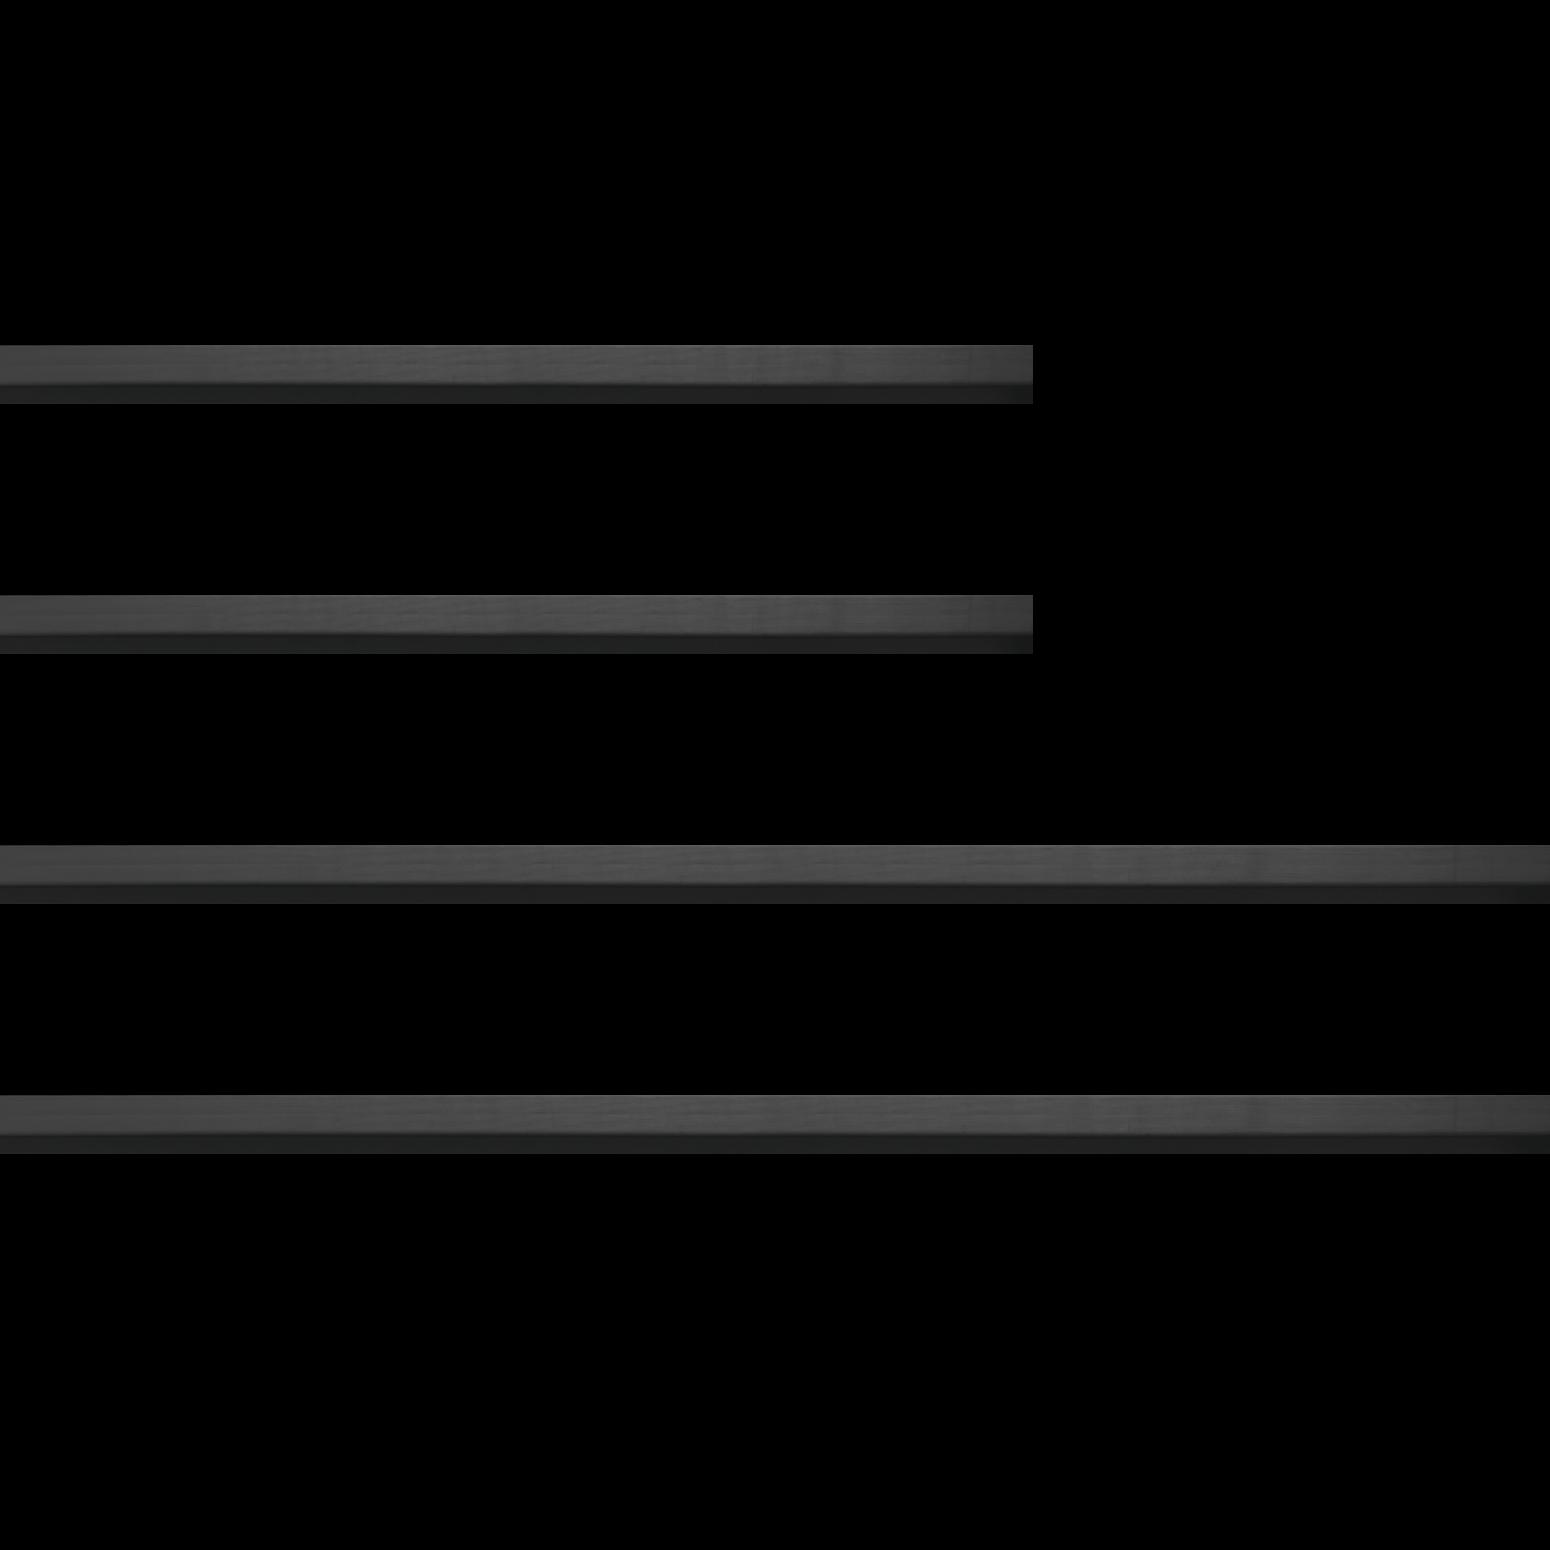 Baguette bois profil plat nez cassé largeur 2cm couleur noir satiné